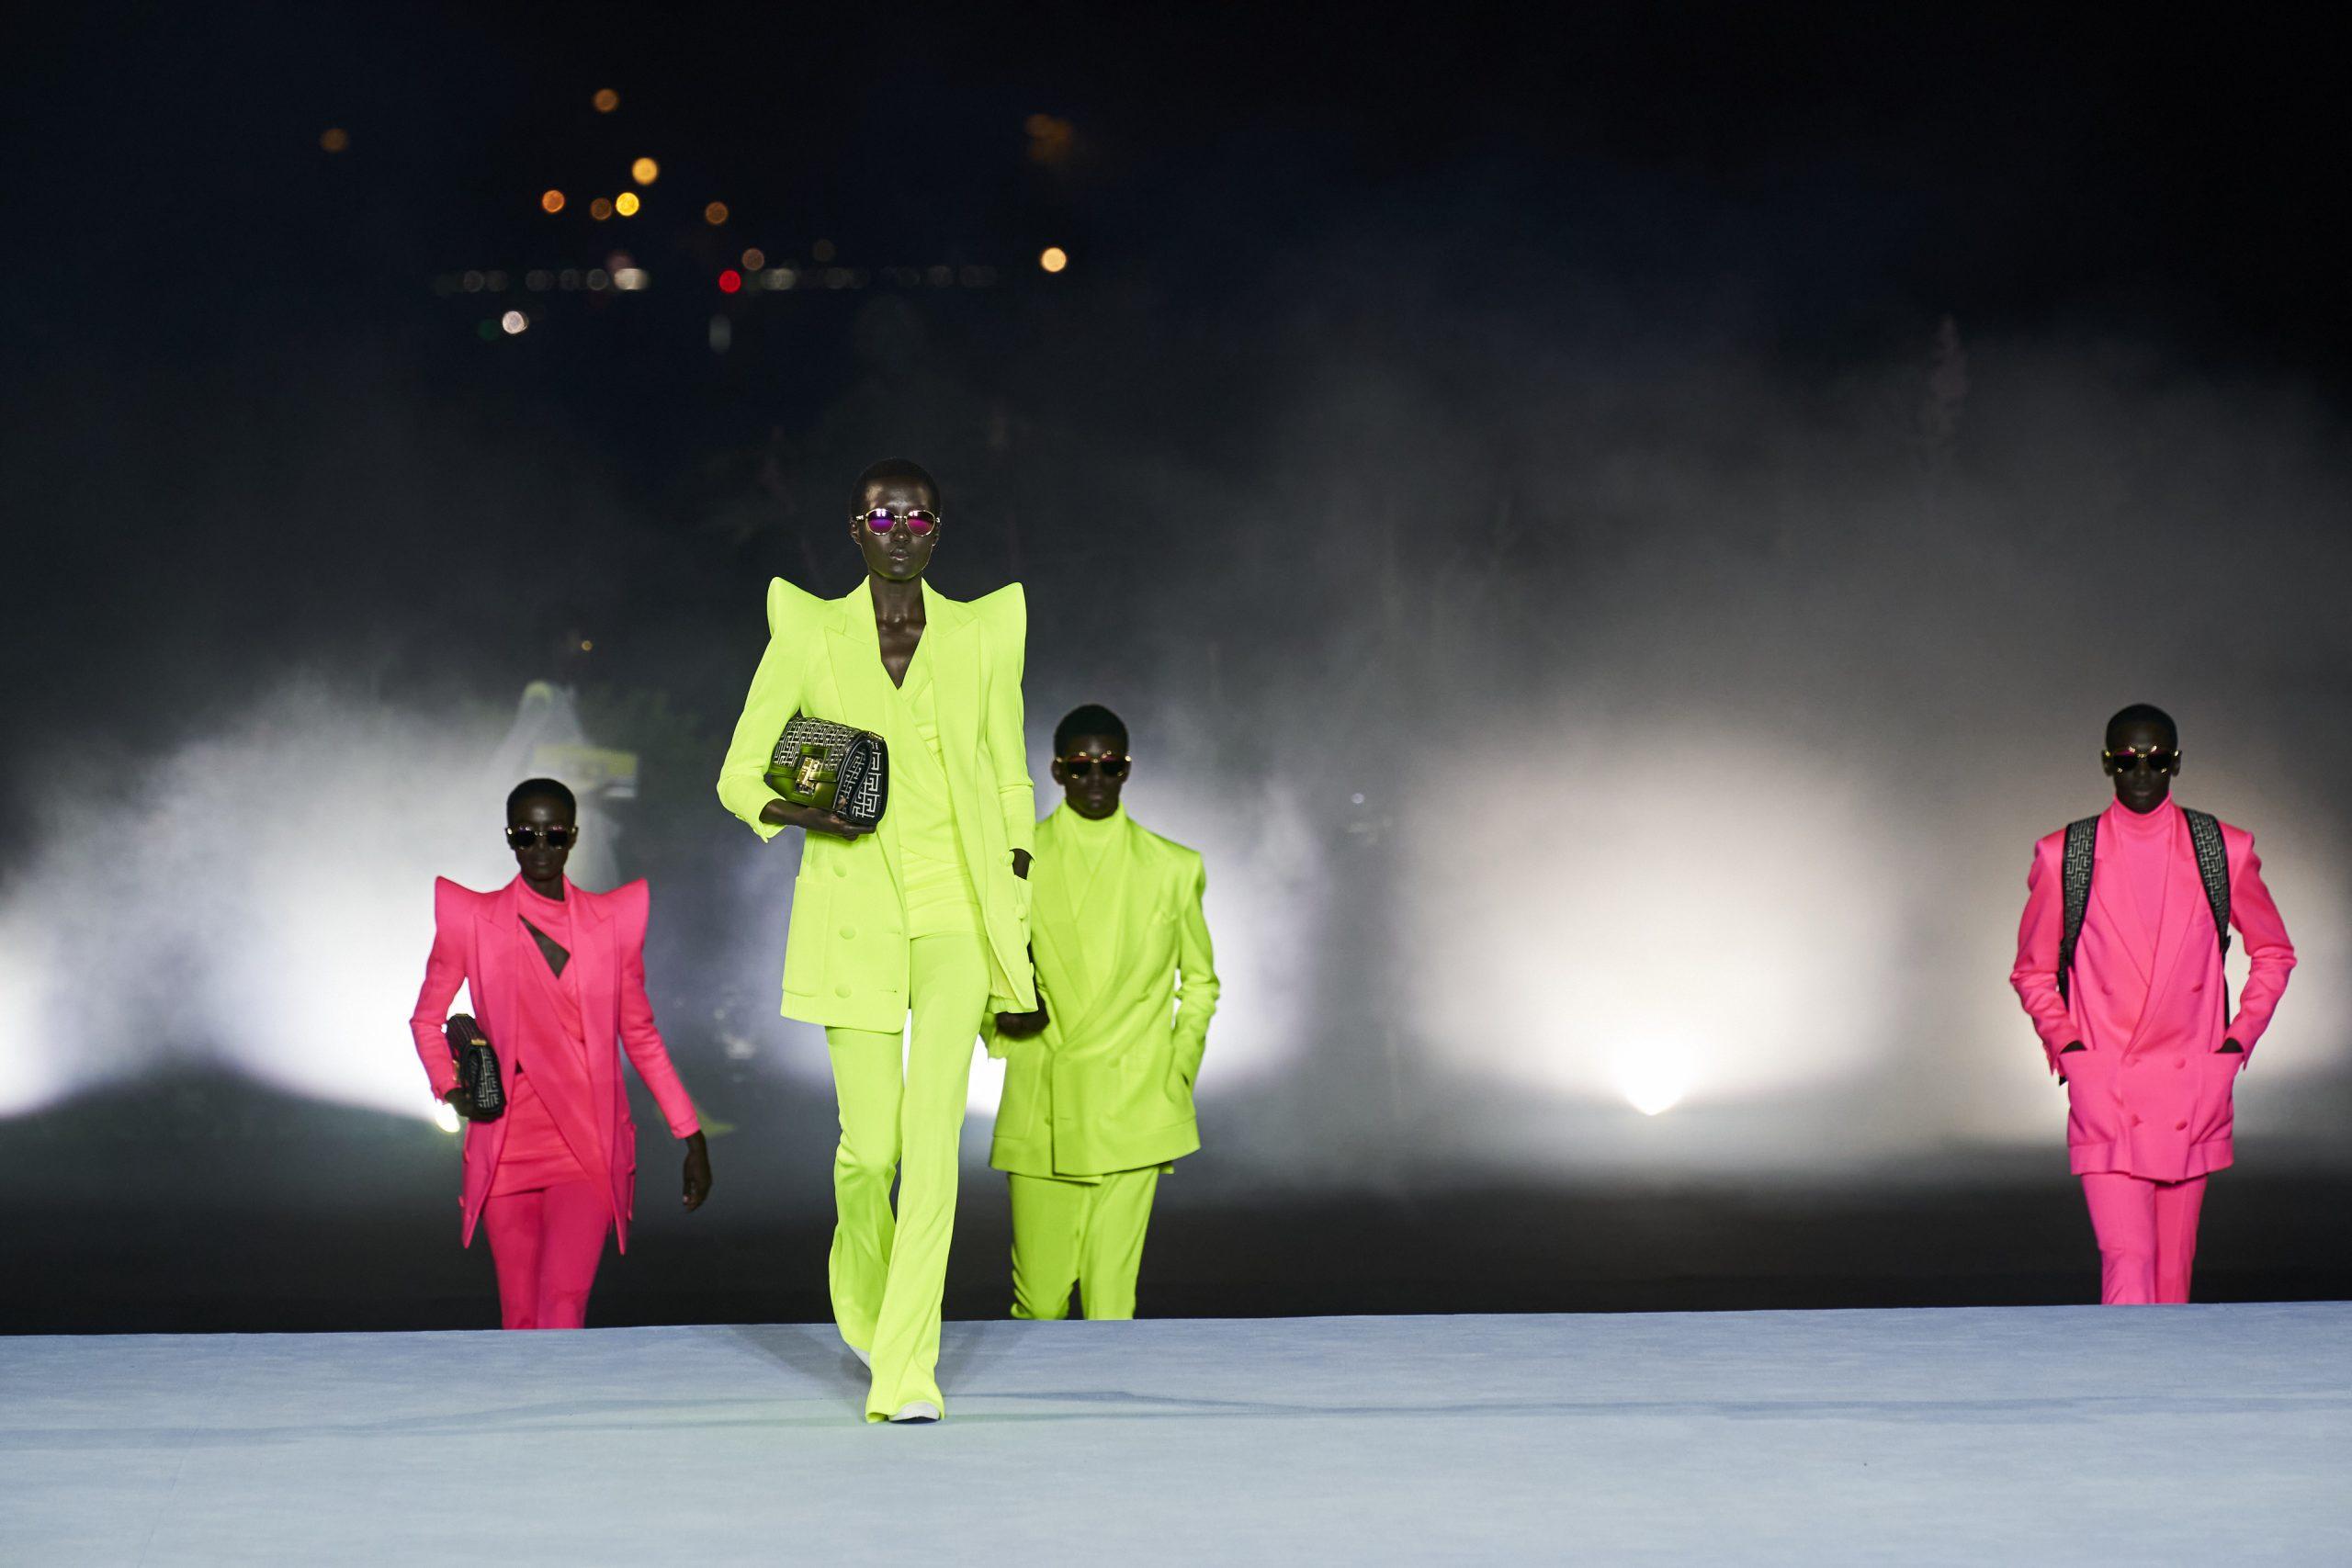 4. kép: Párizsi divathét - 2021-es tavaszi-nyári ready to wear kollekció - Balmain